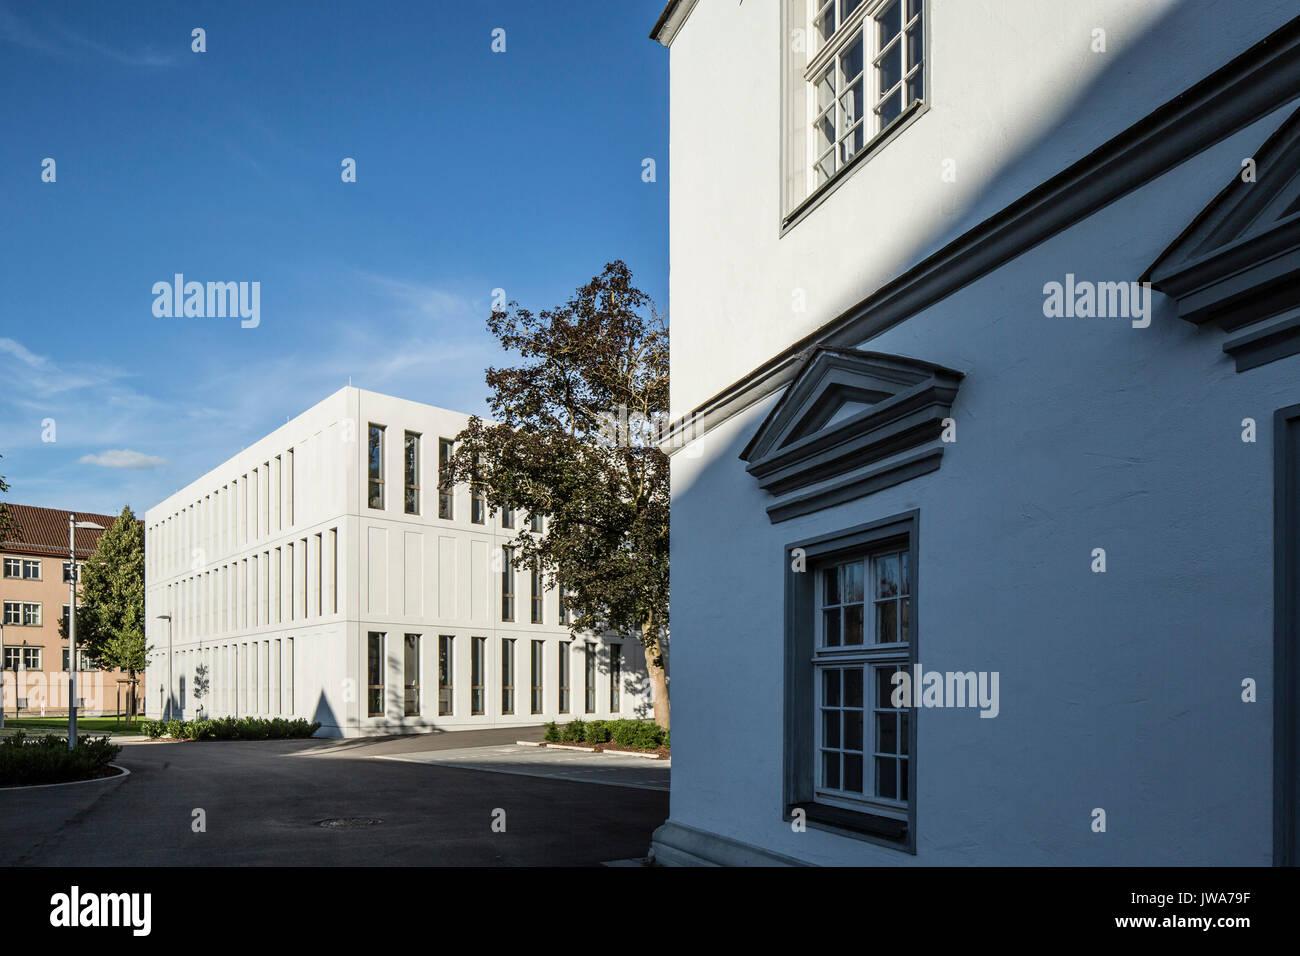 Architekten Biberach juxtaposition of and modern facade finanzamt finance office